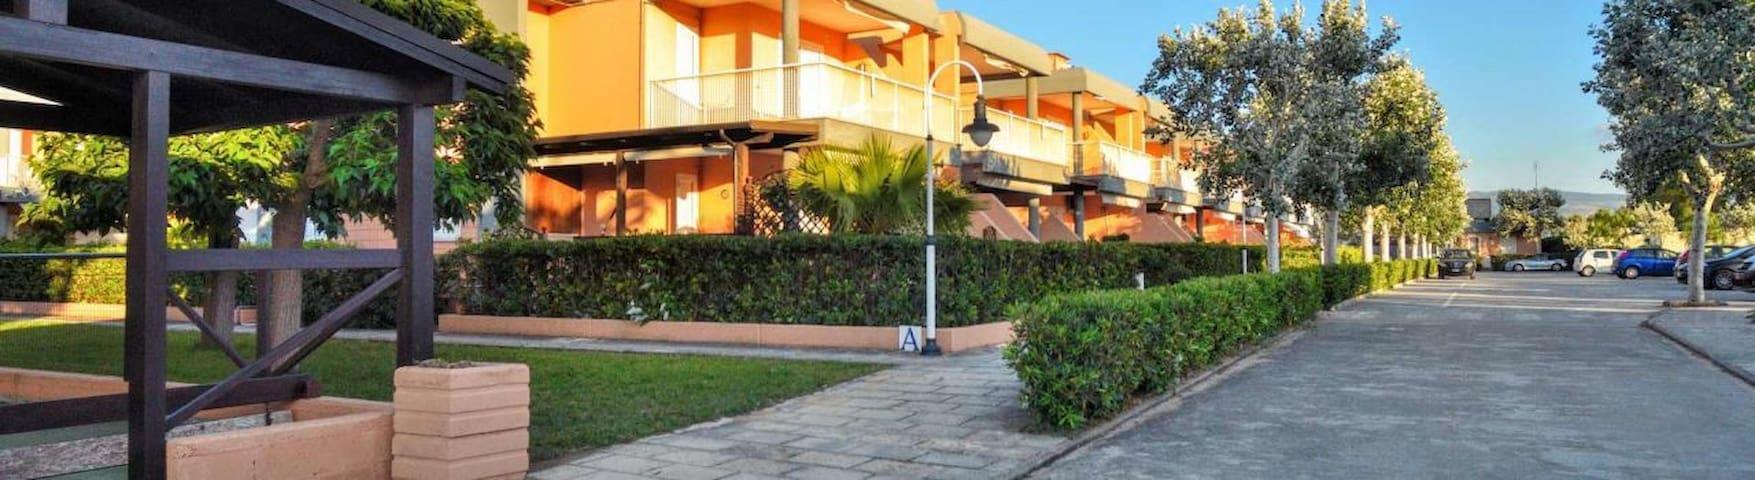 Appartamento presso Blue Marine Residence Gargano - Lido del Sole - Apartment